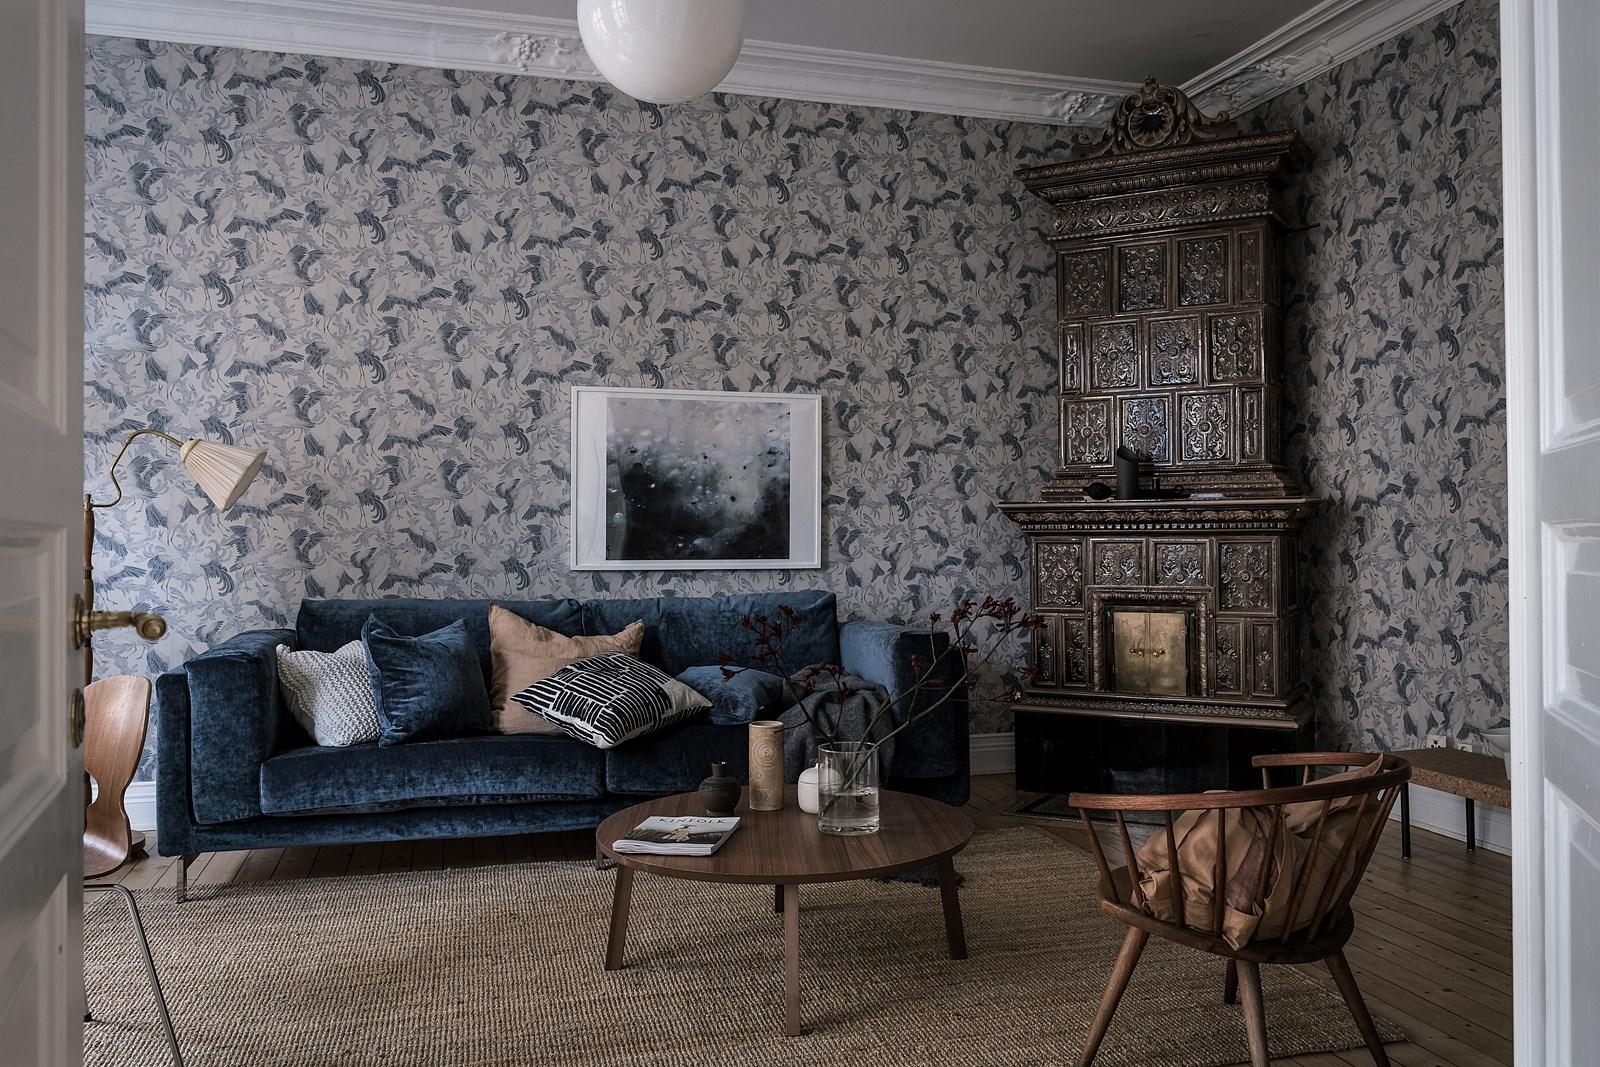 гостиная обои потолочный карниз лепнина израсцовая скандинавская печь